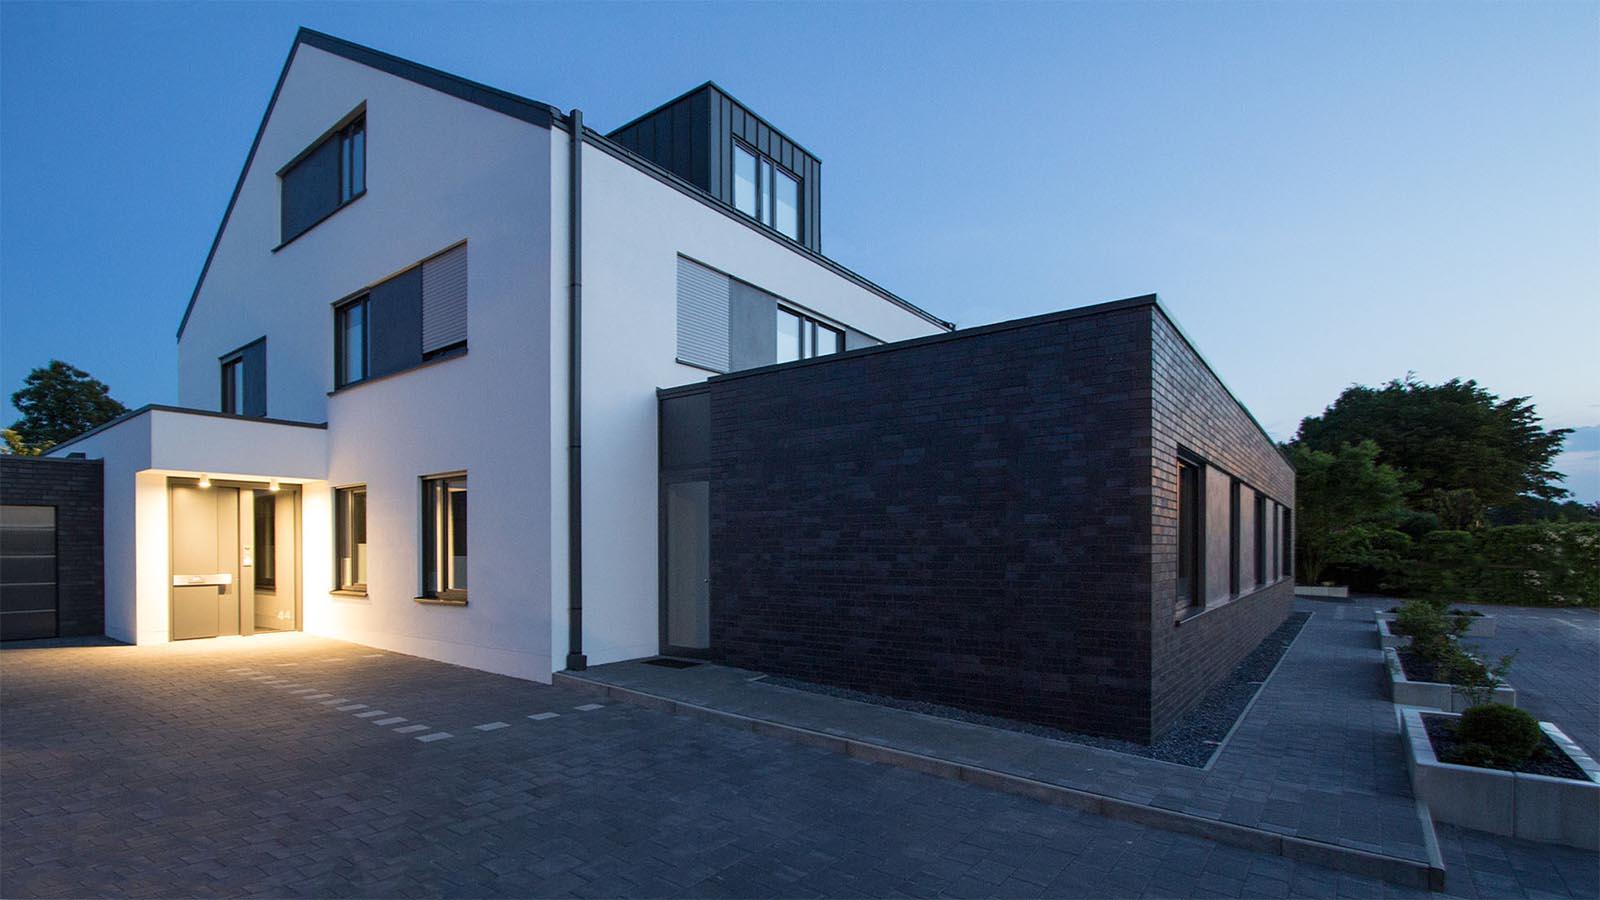 HRG | architekturbüro thomas mischo